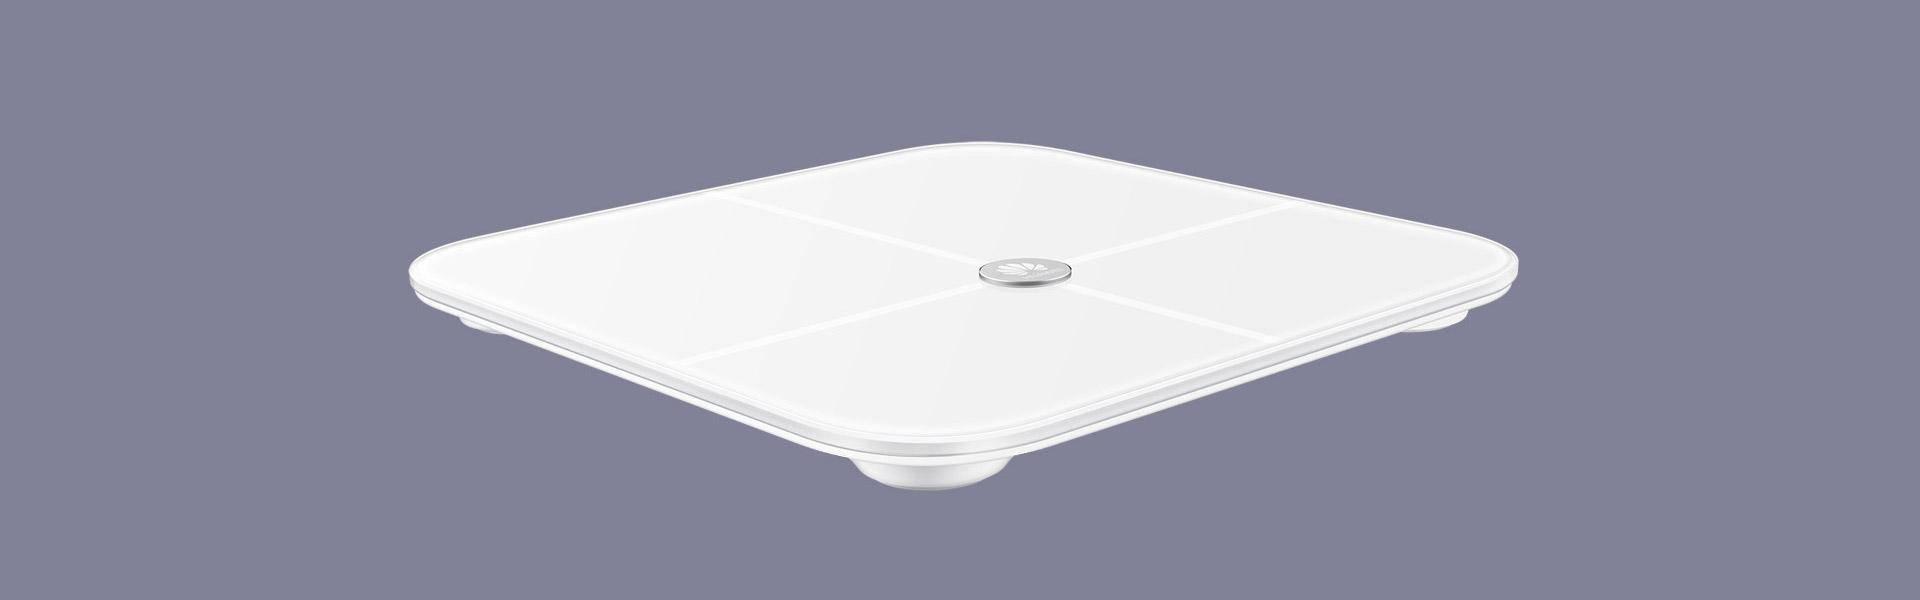 pesa Huawei